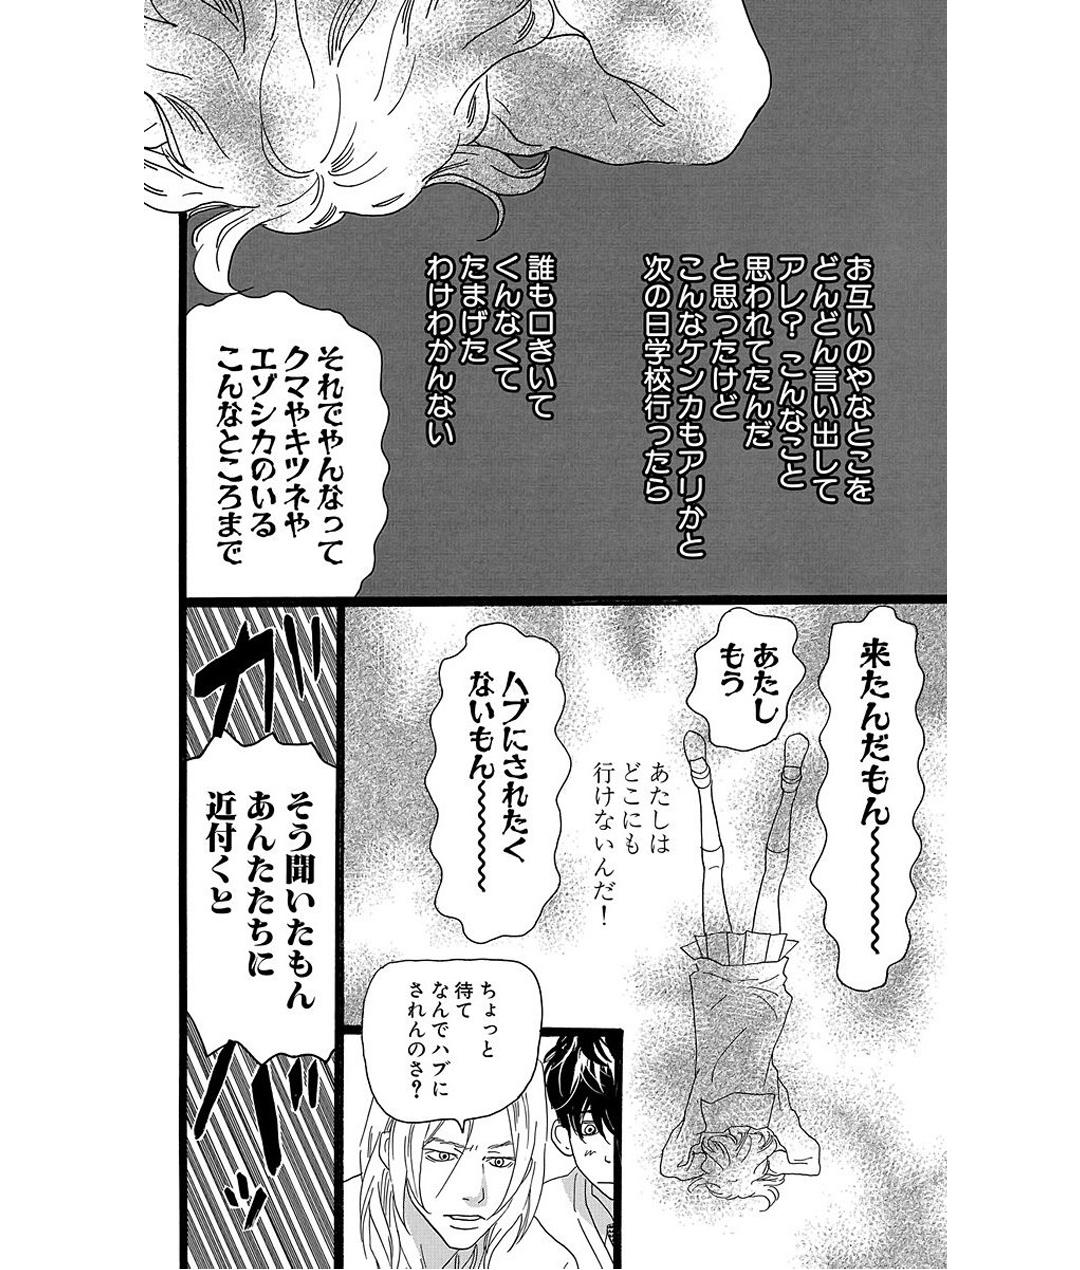 プリンシパル 第1話 試し読み_1_1-50